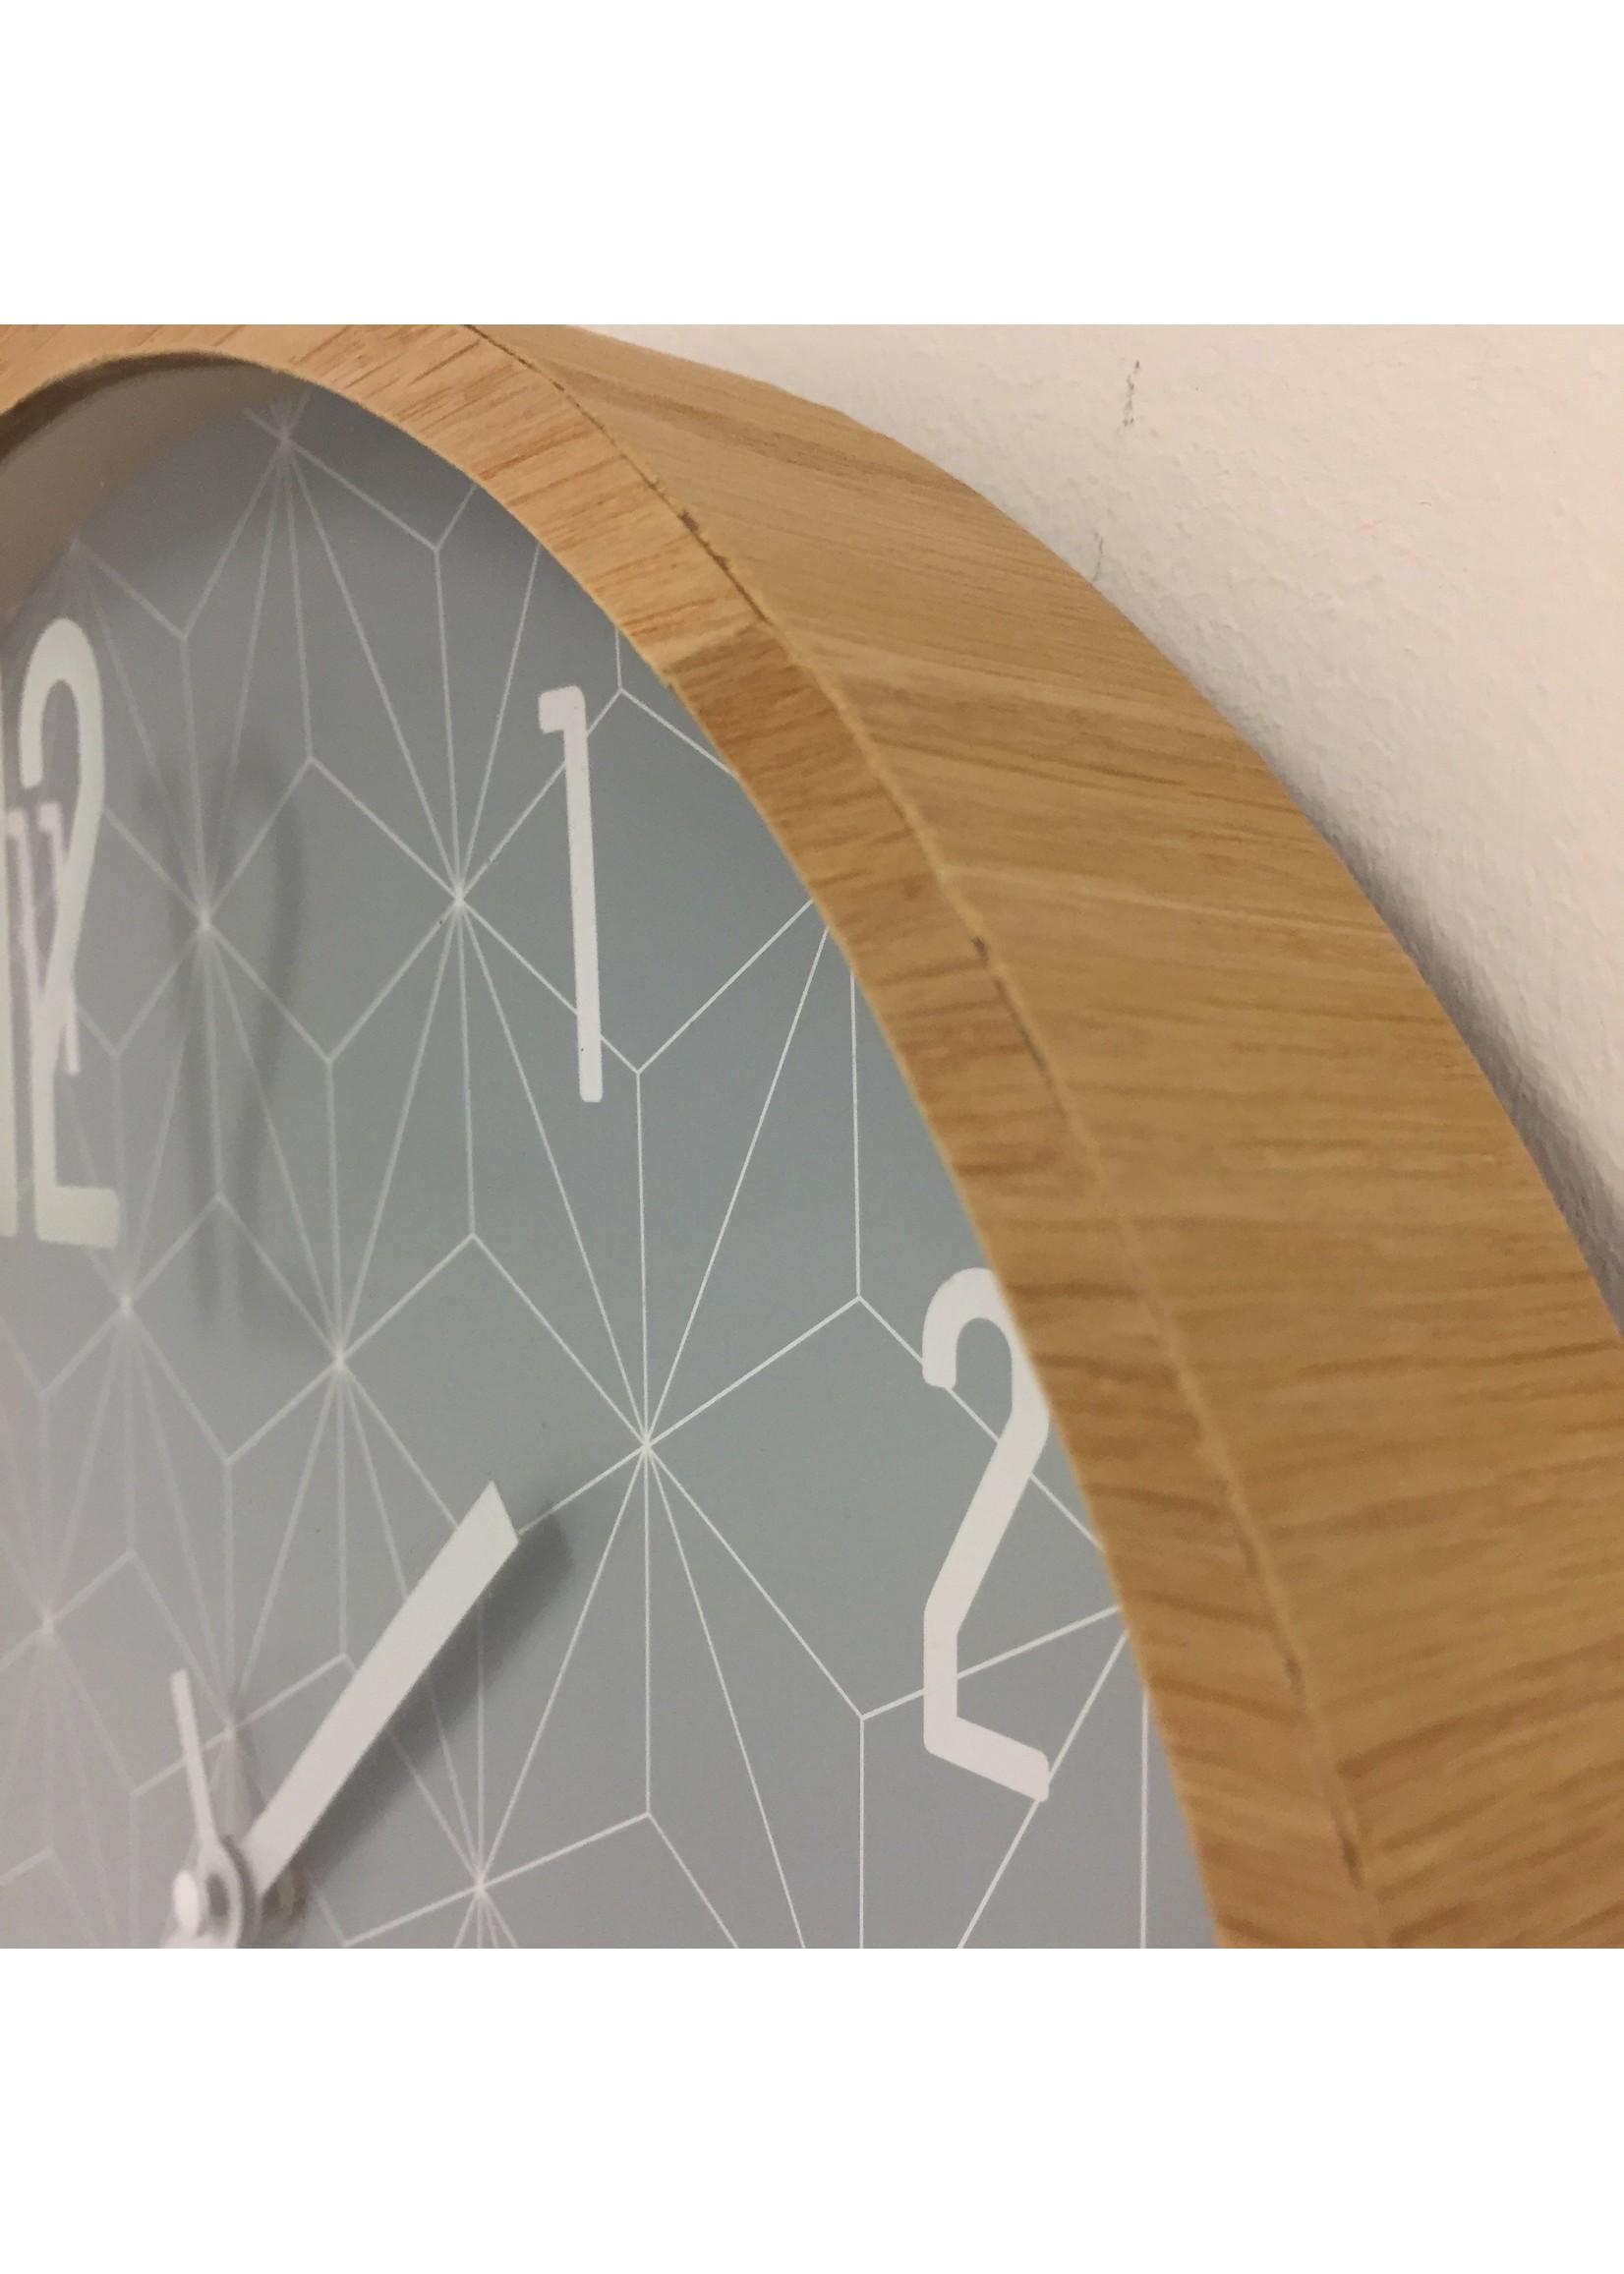 NiceTime Wandklok BELLE JOURNEE Design Modern